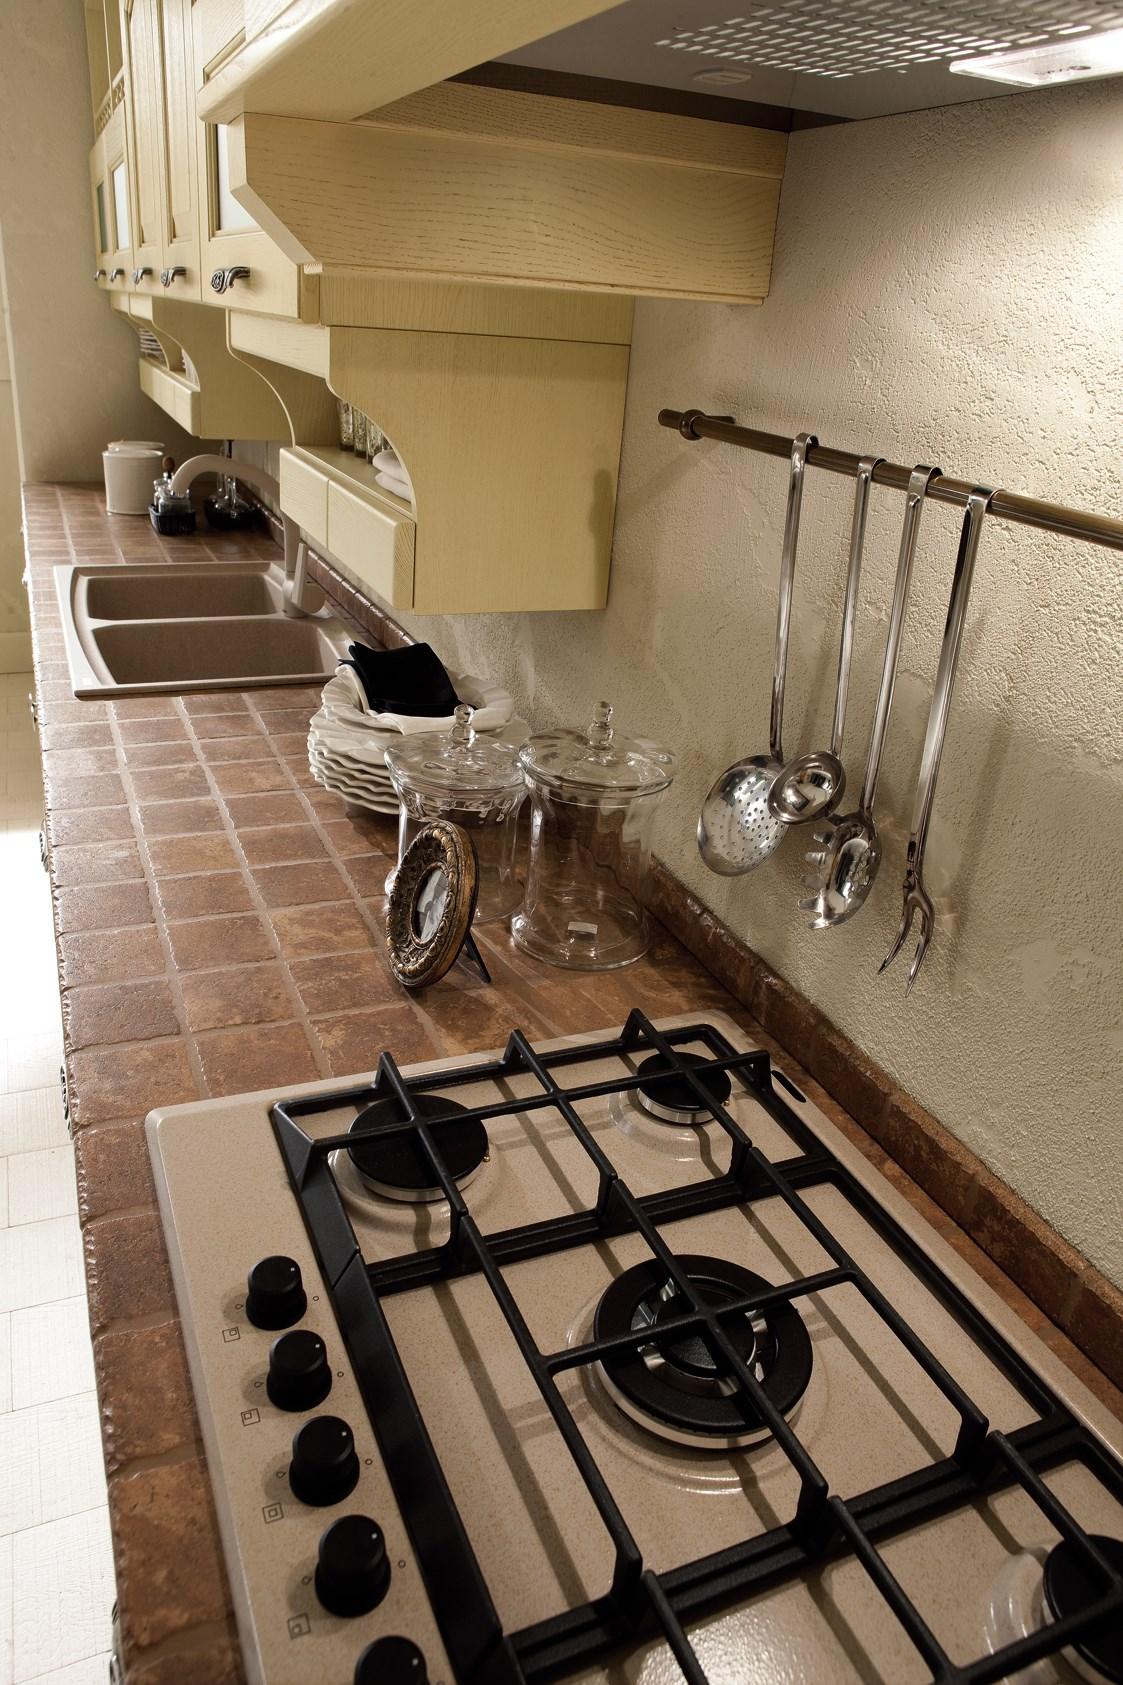 Piani da lavoro e superfici piastrellate per cucina